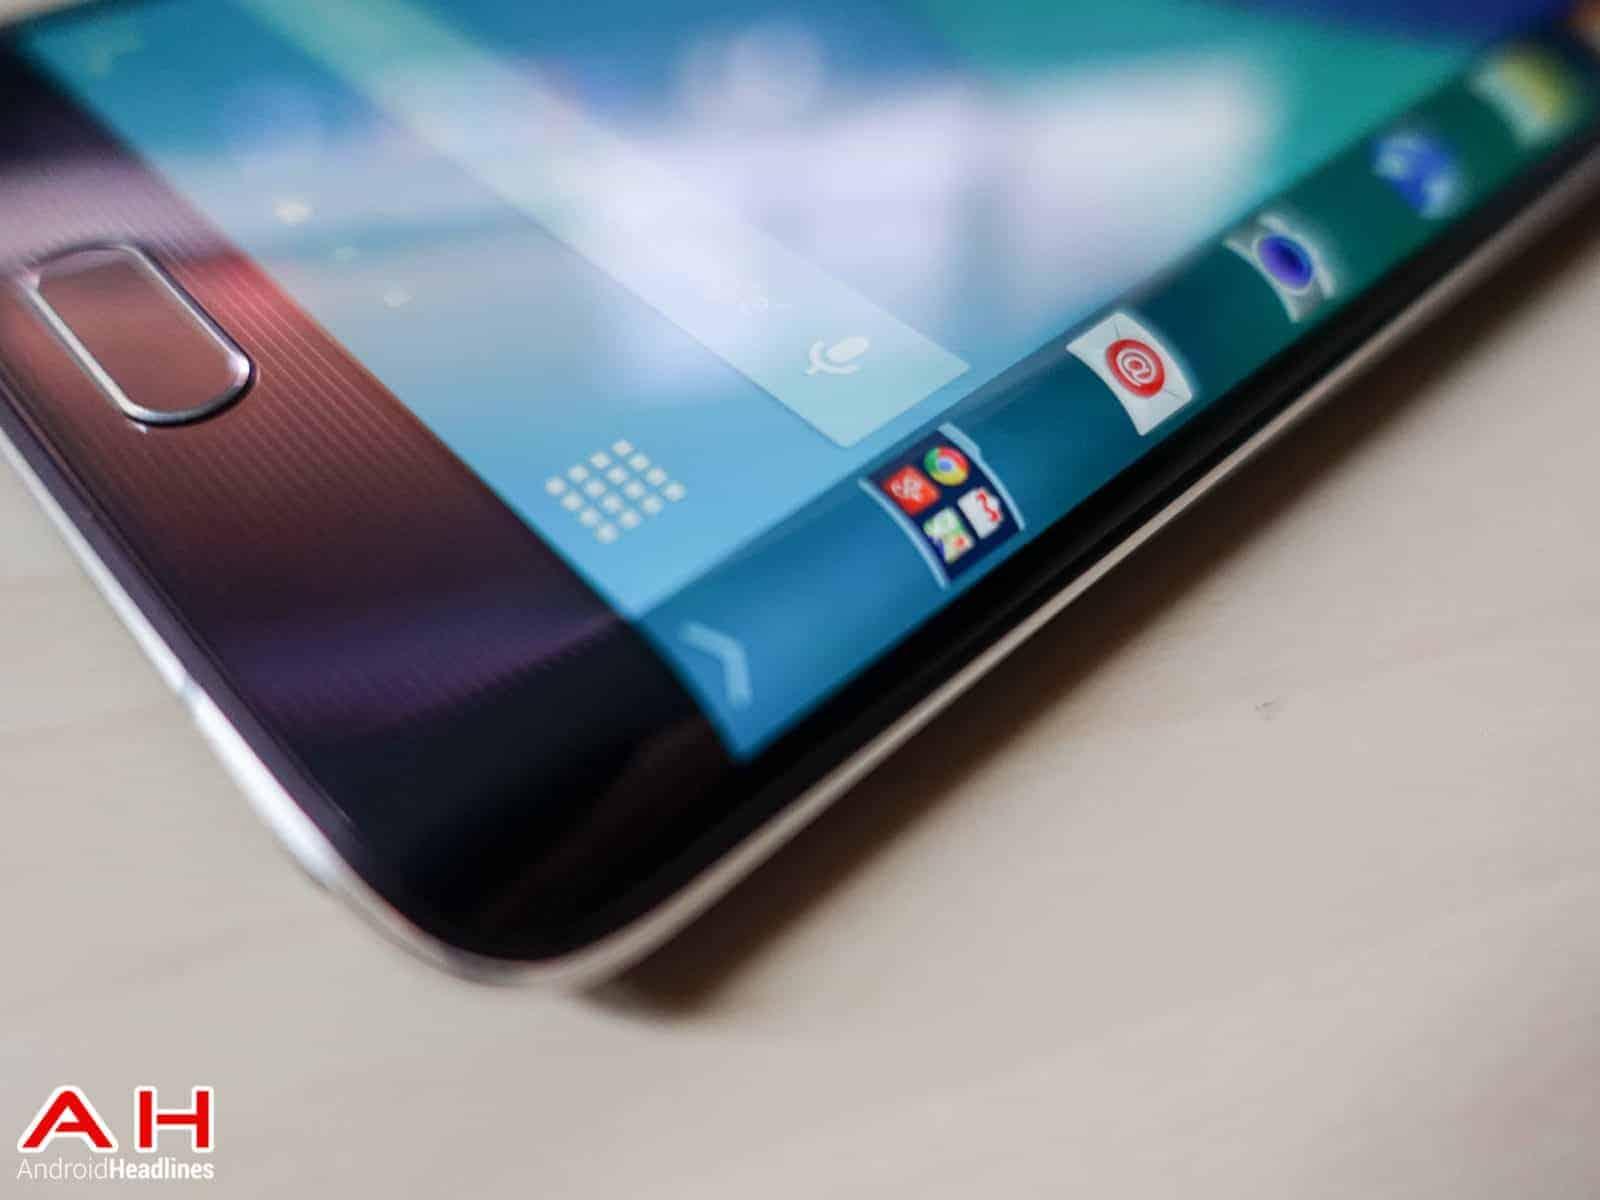 Samsung-Galaxy-Note-Edge-AH-4